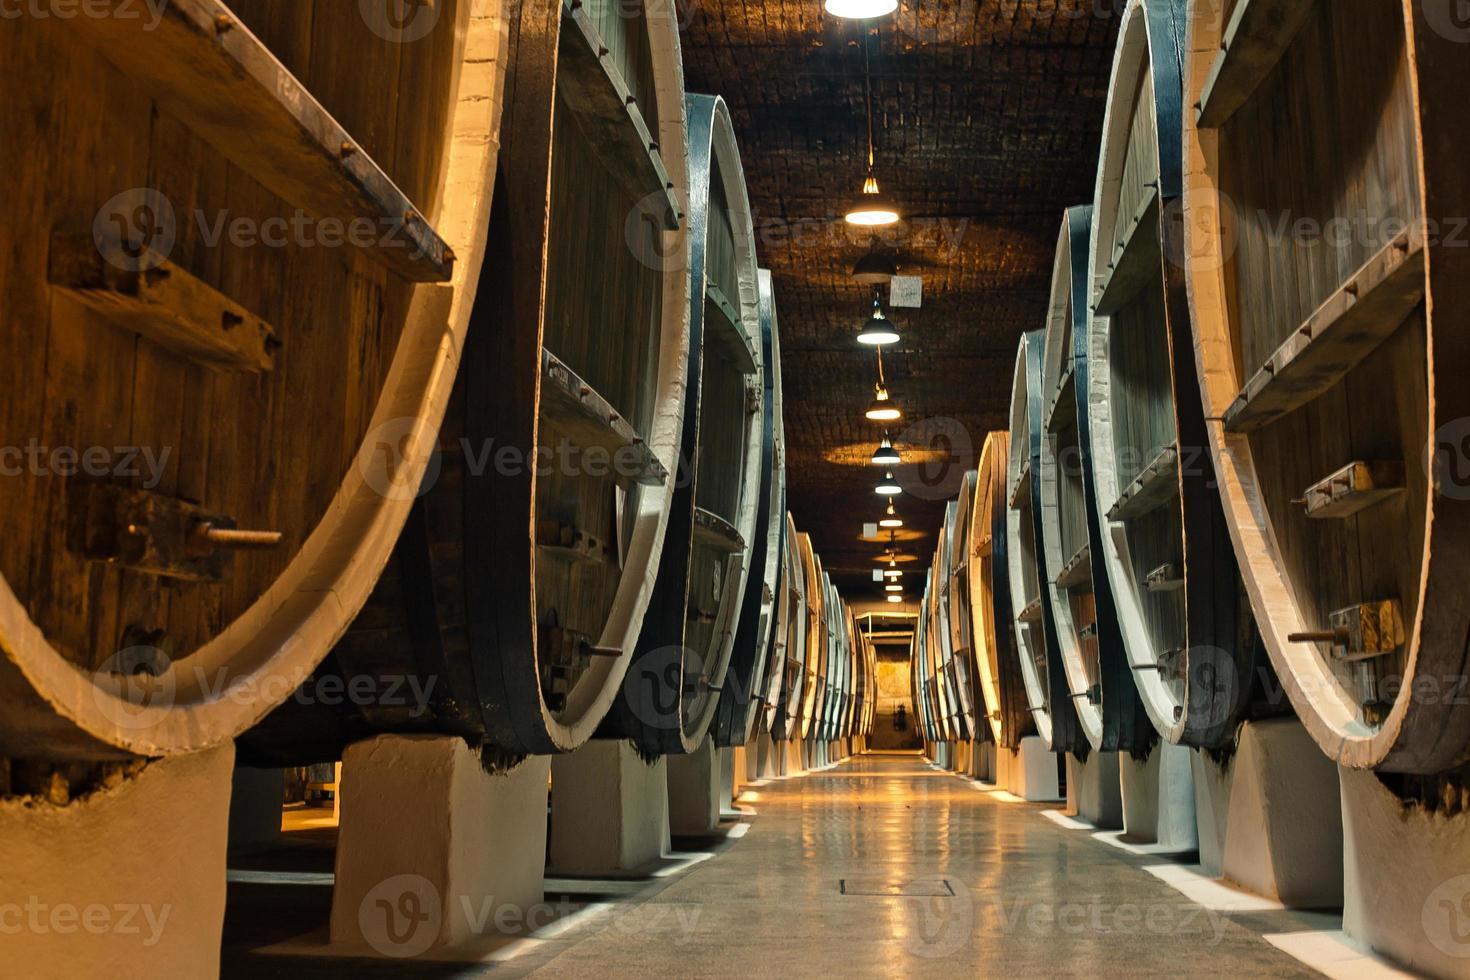 barris de vinho nas adegas de vinicultores foto